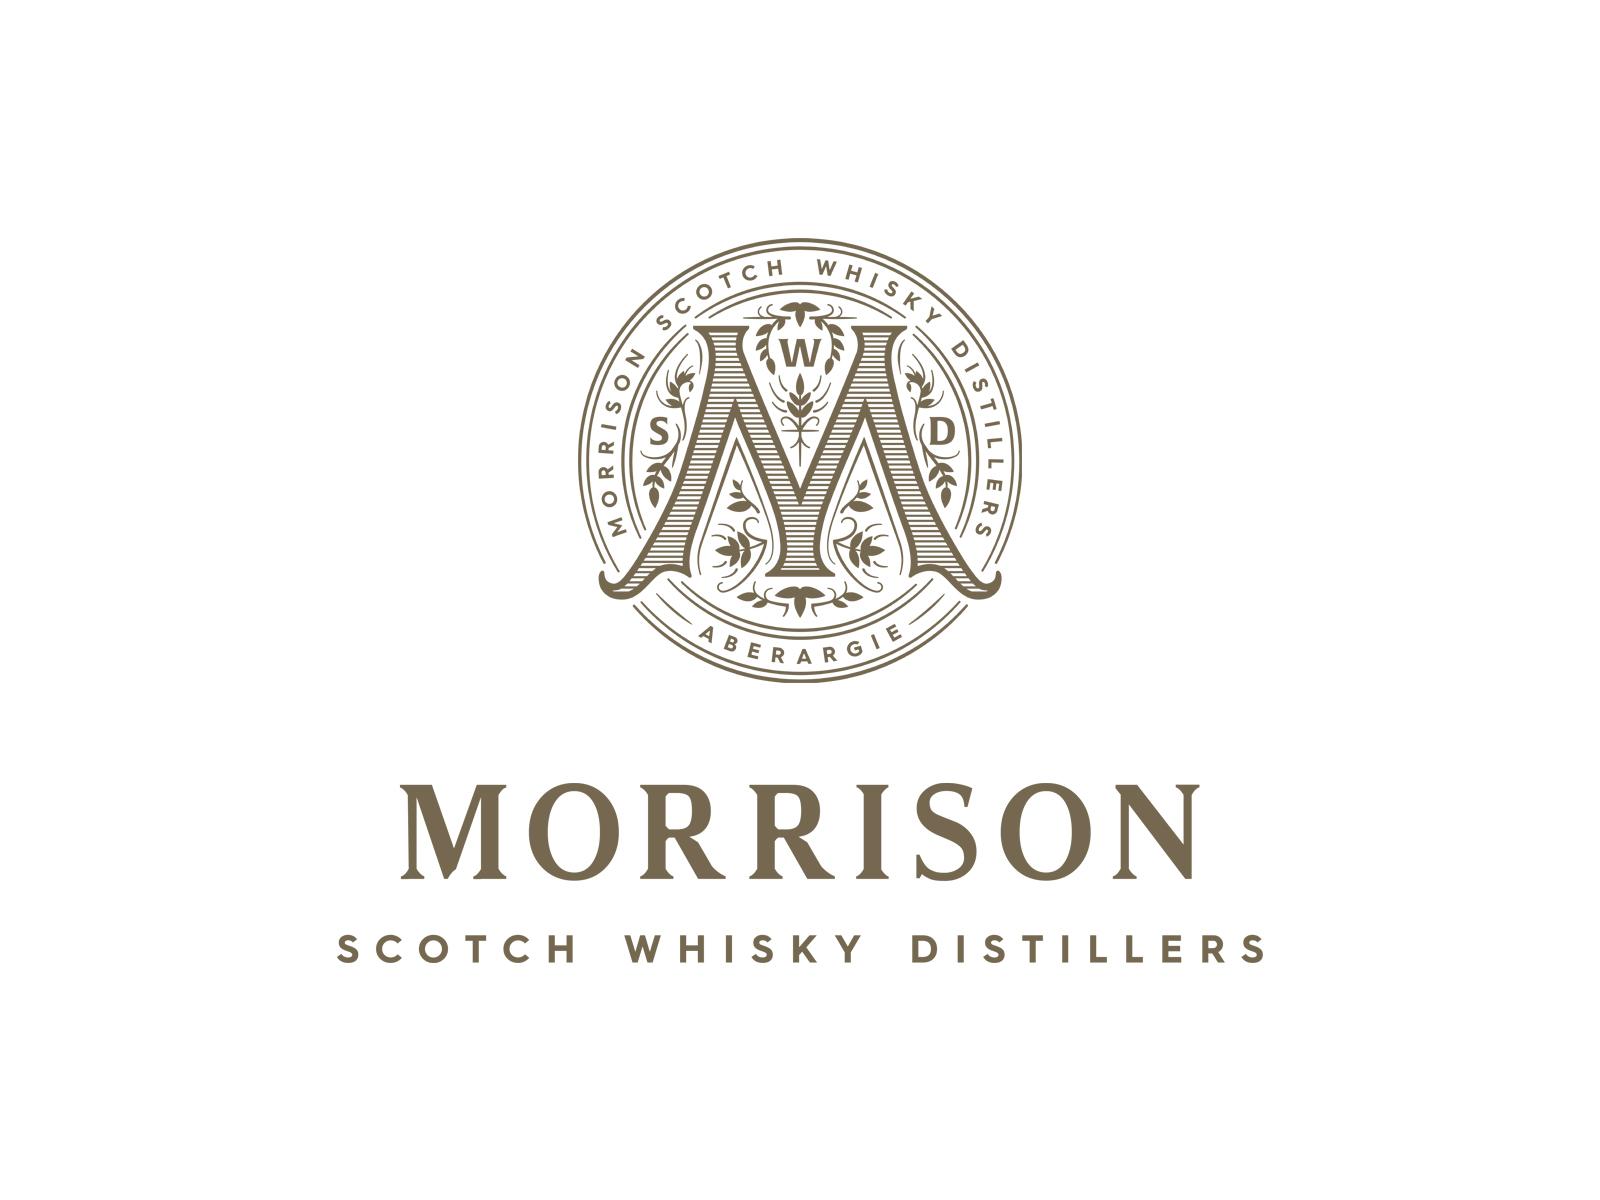 Morrison Scotch Whisky Distillers – Càrn Mòr Release 3 Online Tasting